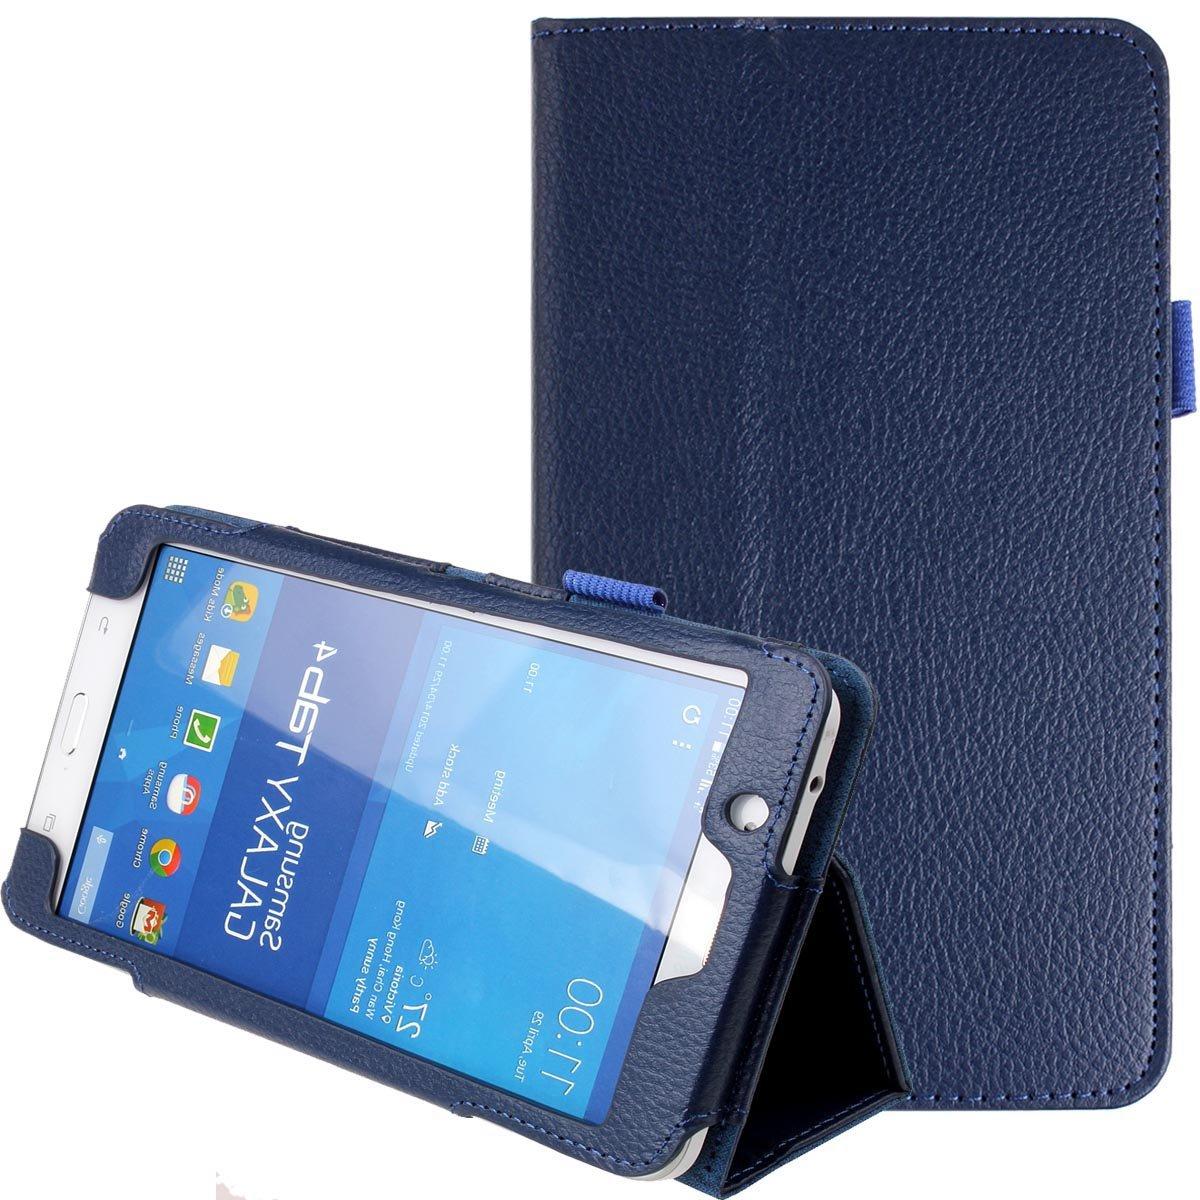 For Samsung Galaxy Tab 4 7.0 Case Folding PU Leather Stand Case Cover For Samsung Galaxy Tab 4 7.0